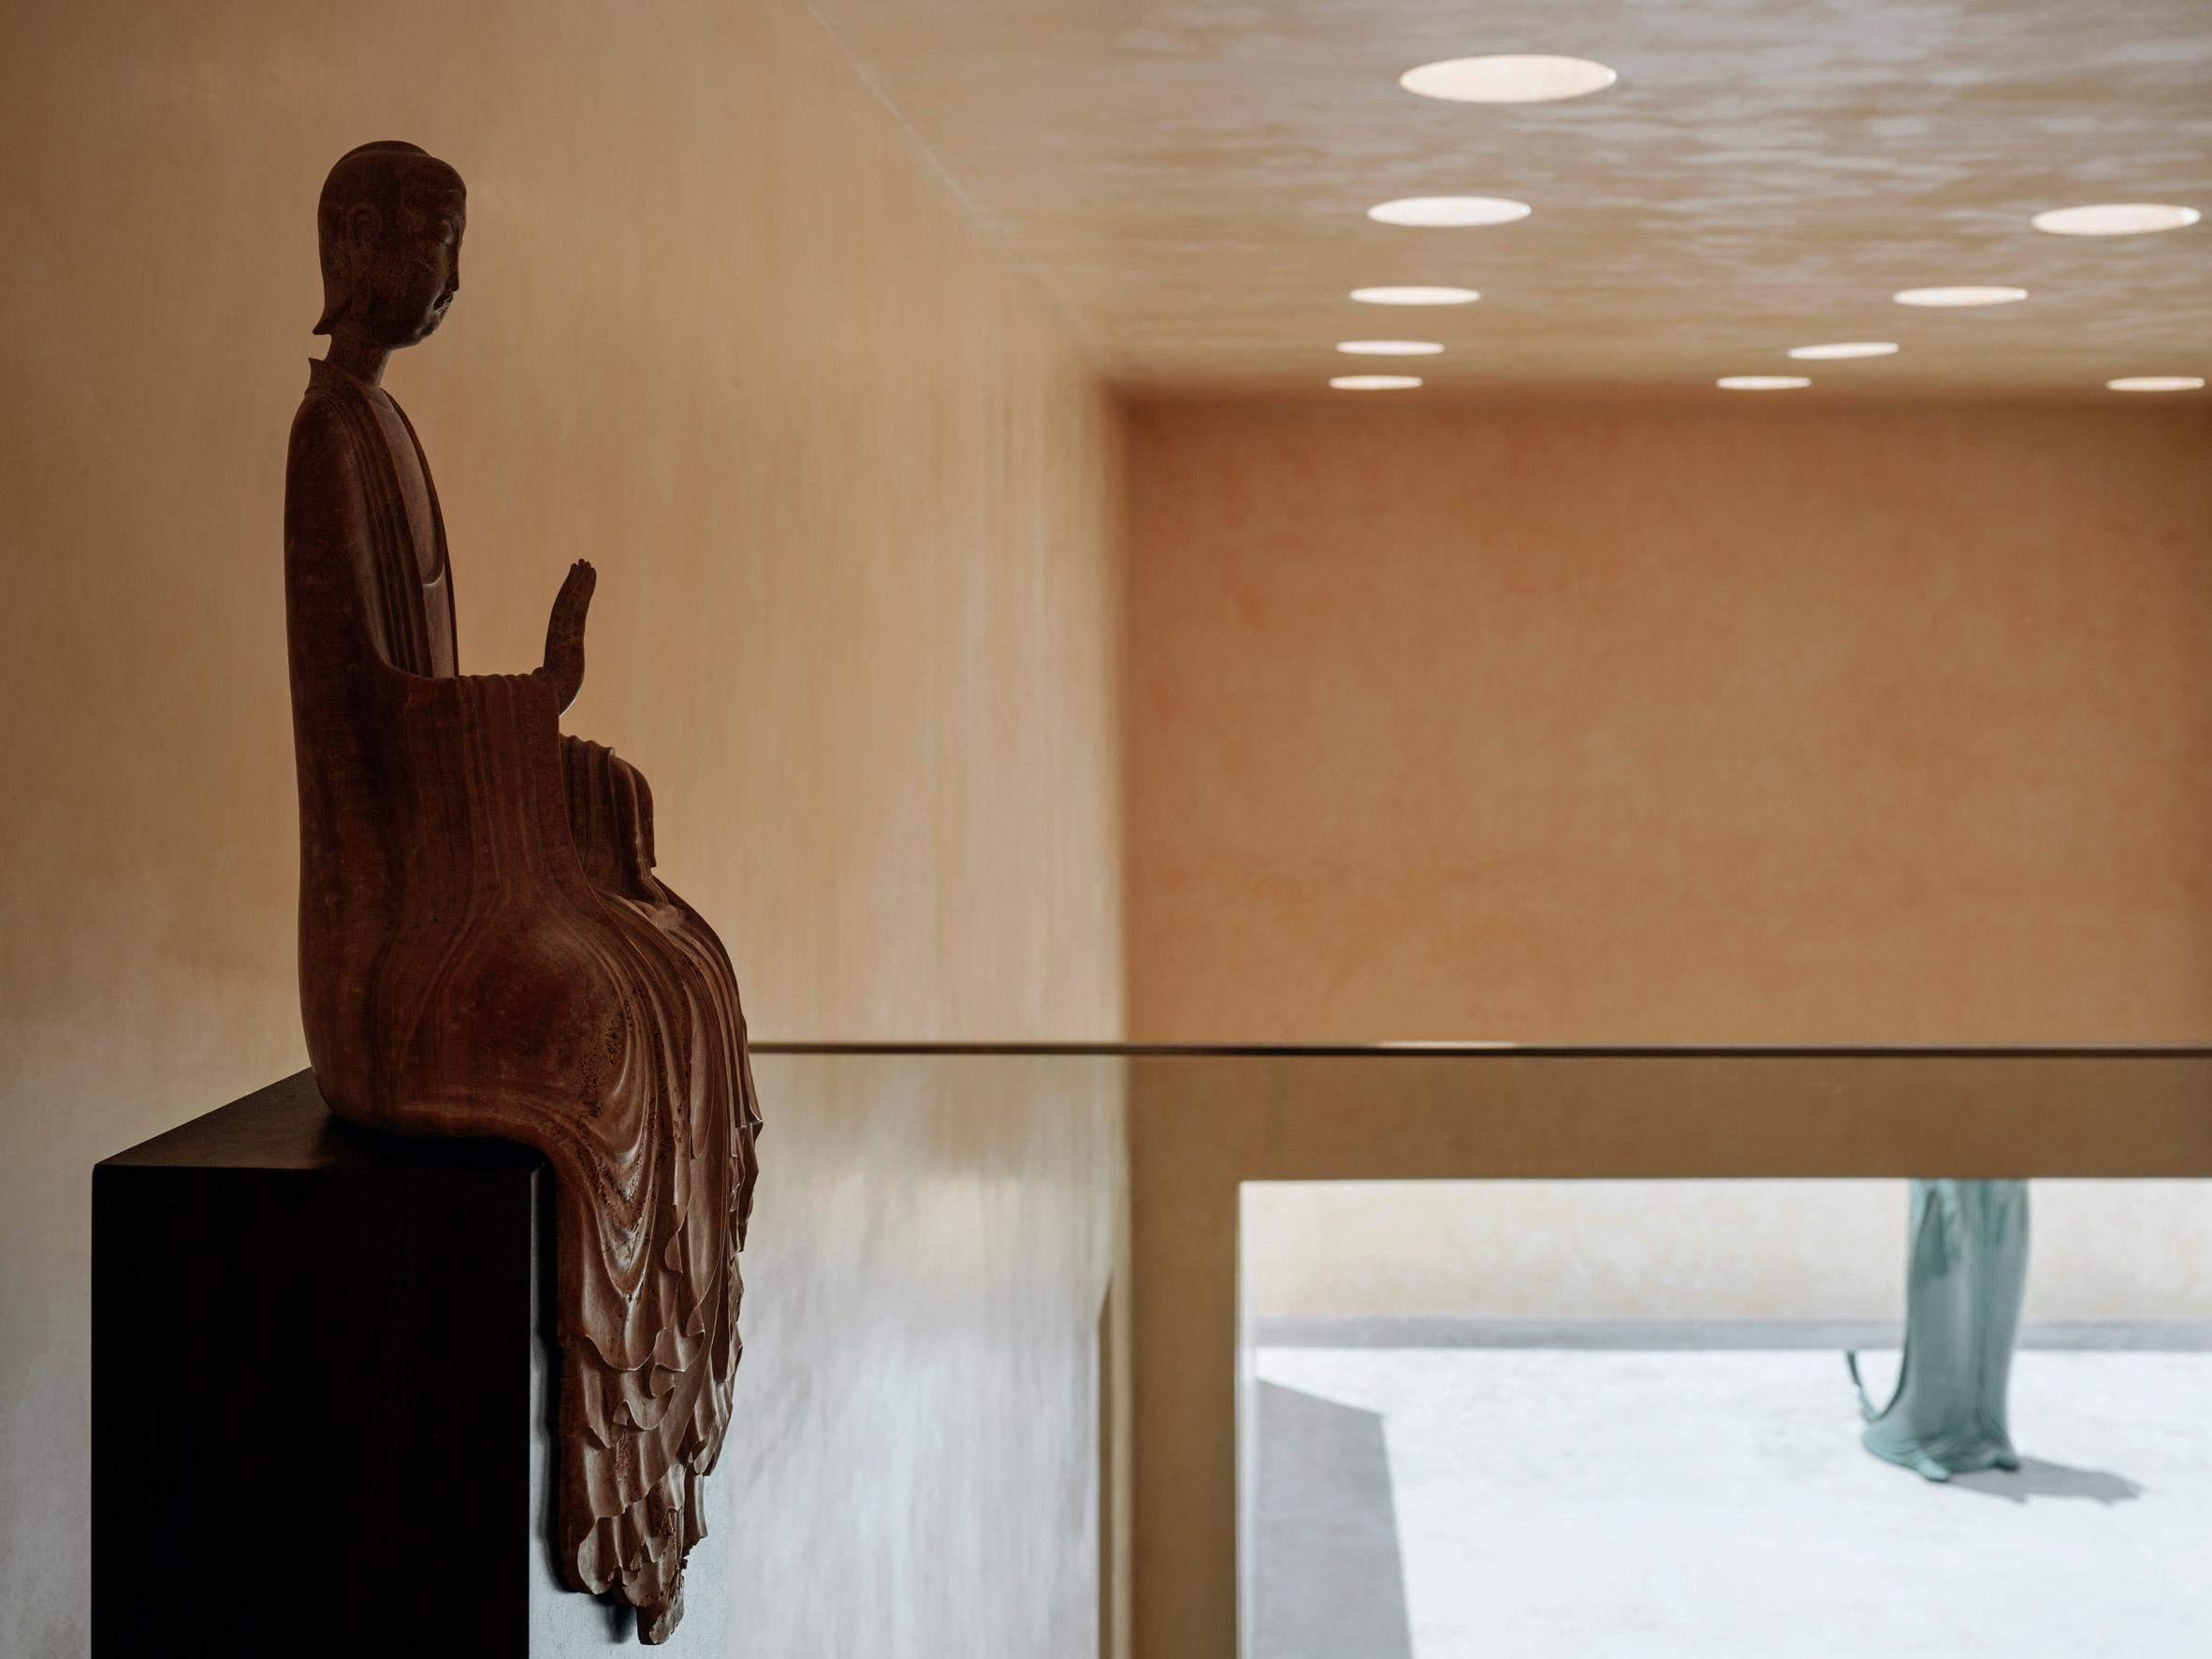 Світло означає джерело мудрості в буддизмі  / Фото Dezeen